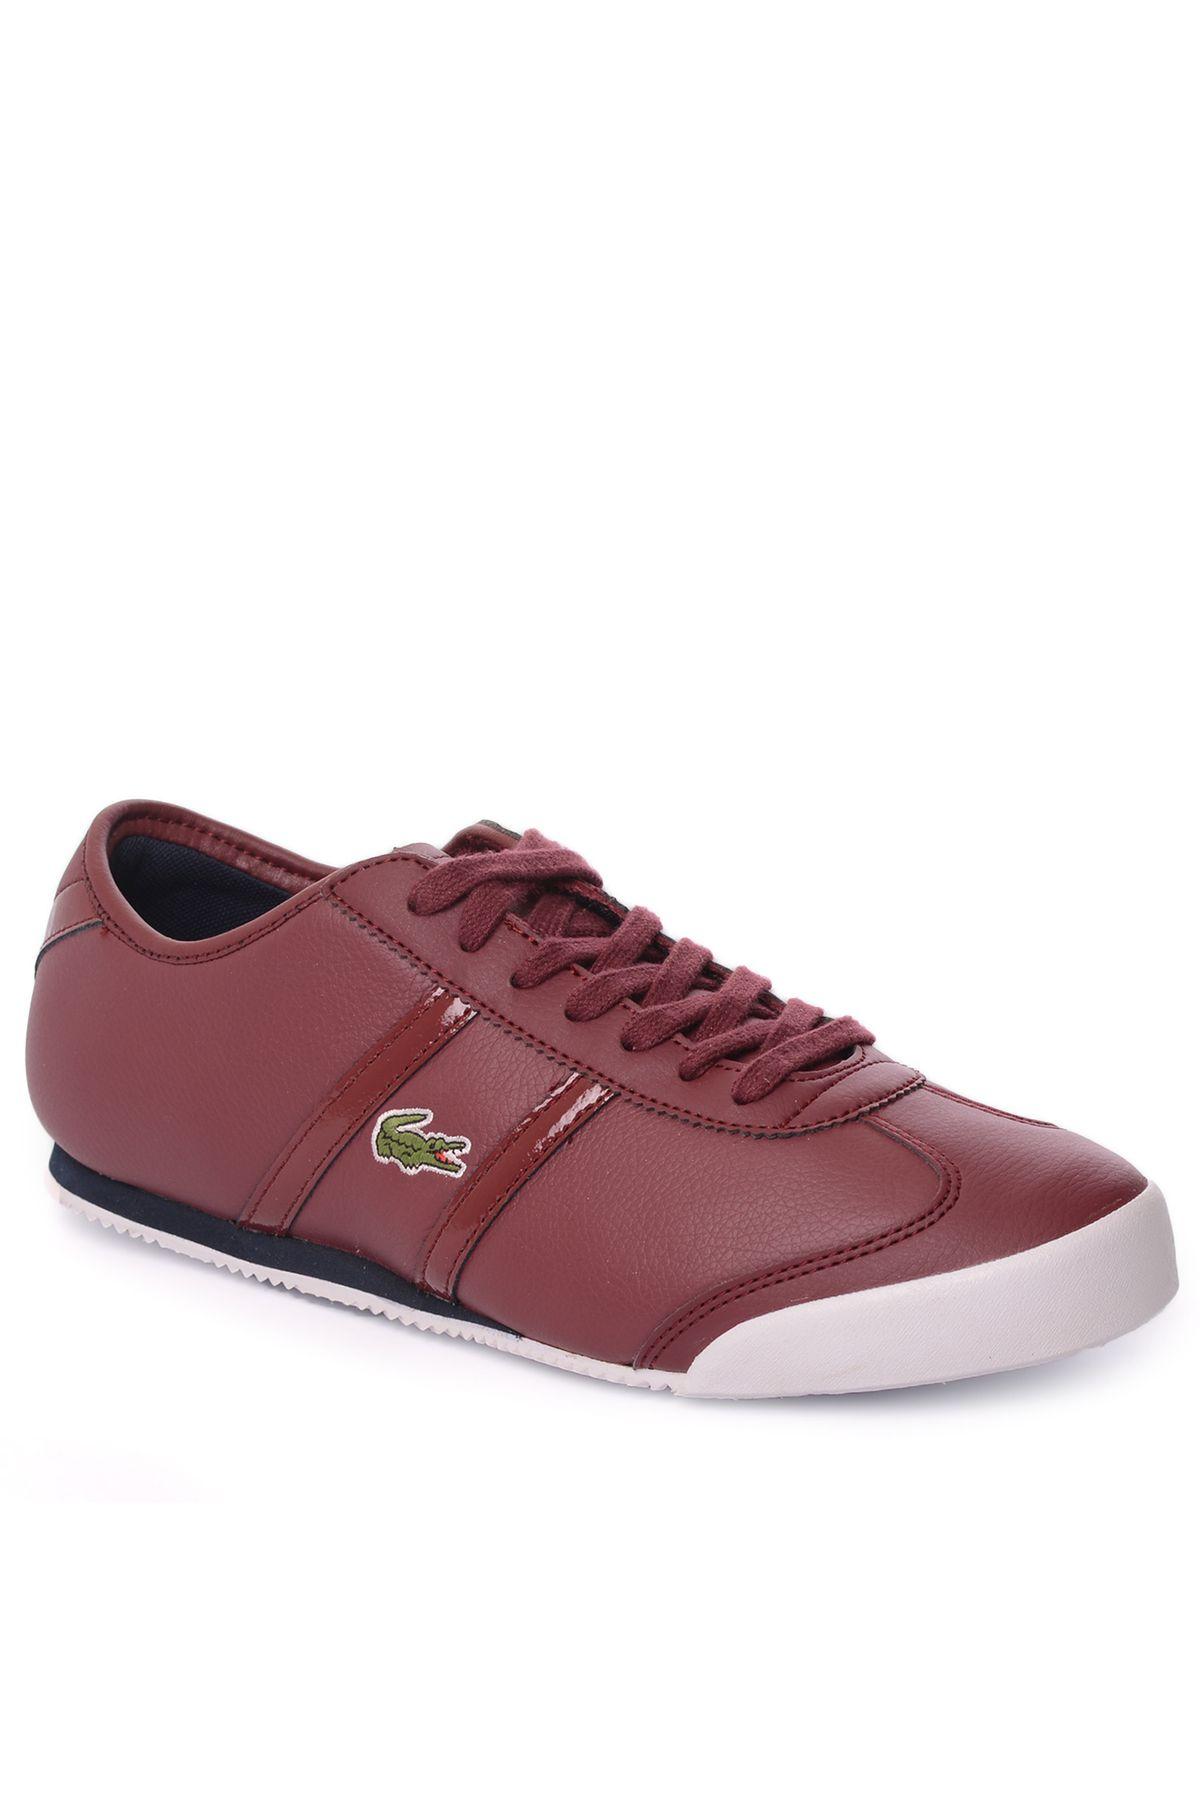 Tênis Lacoste Tourelle Nal   Mundial Calçados - Mundial Calçados d17175426b